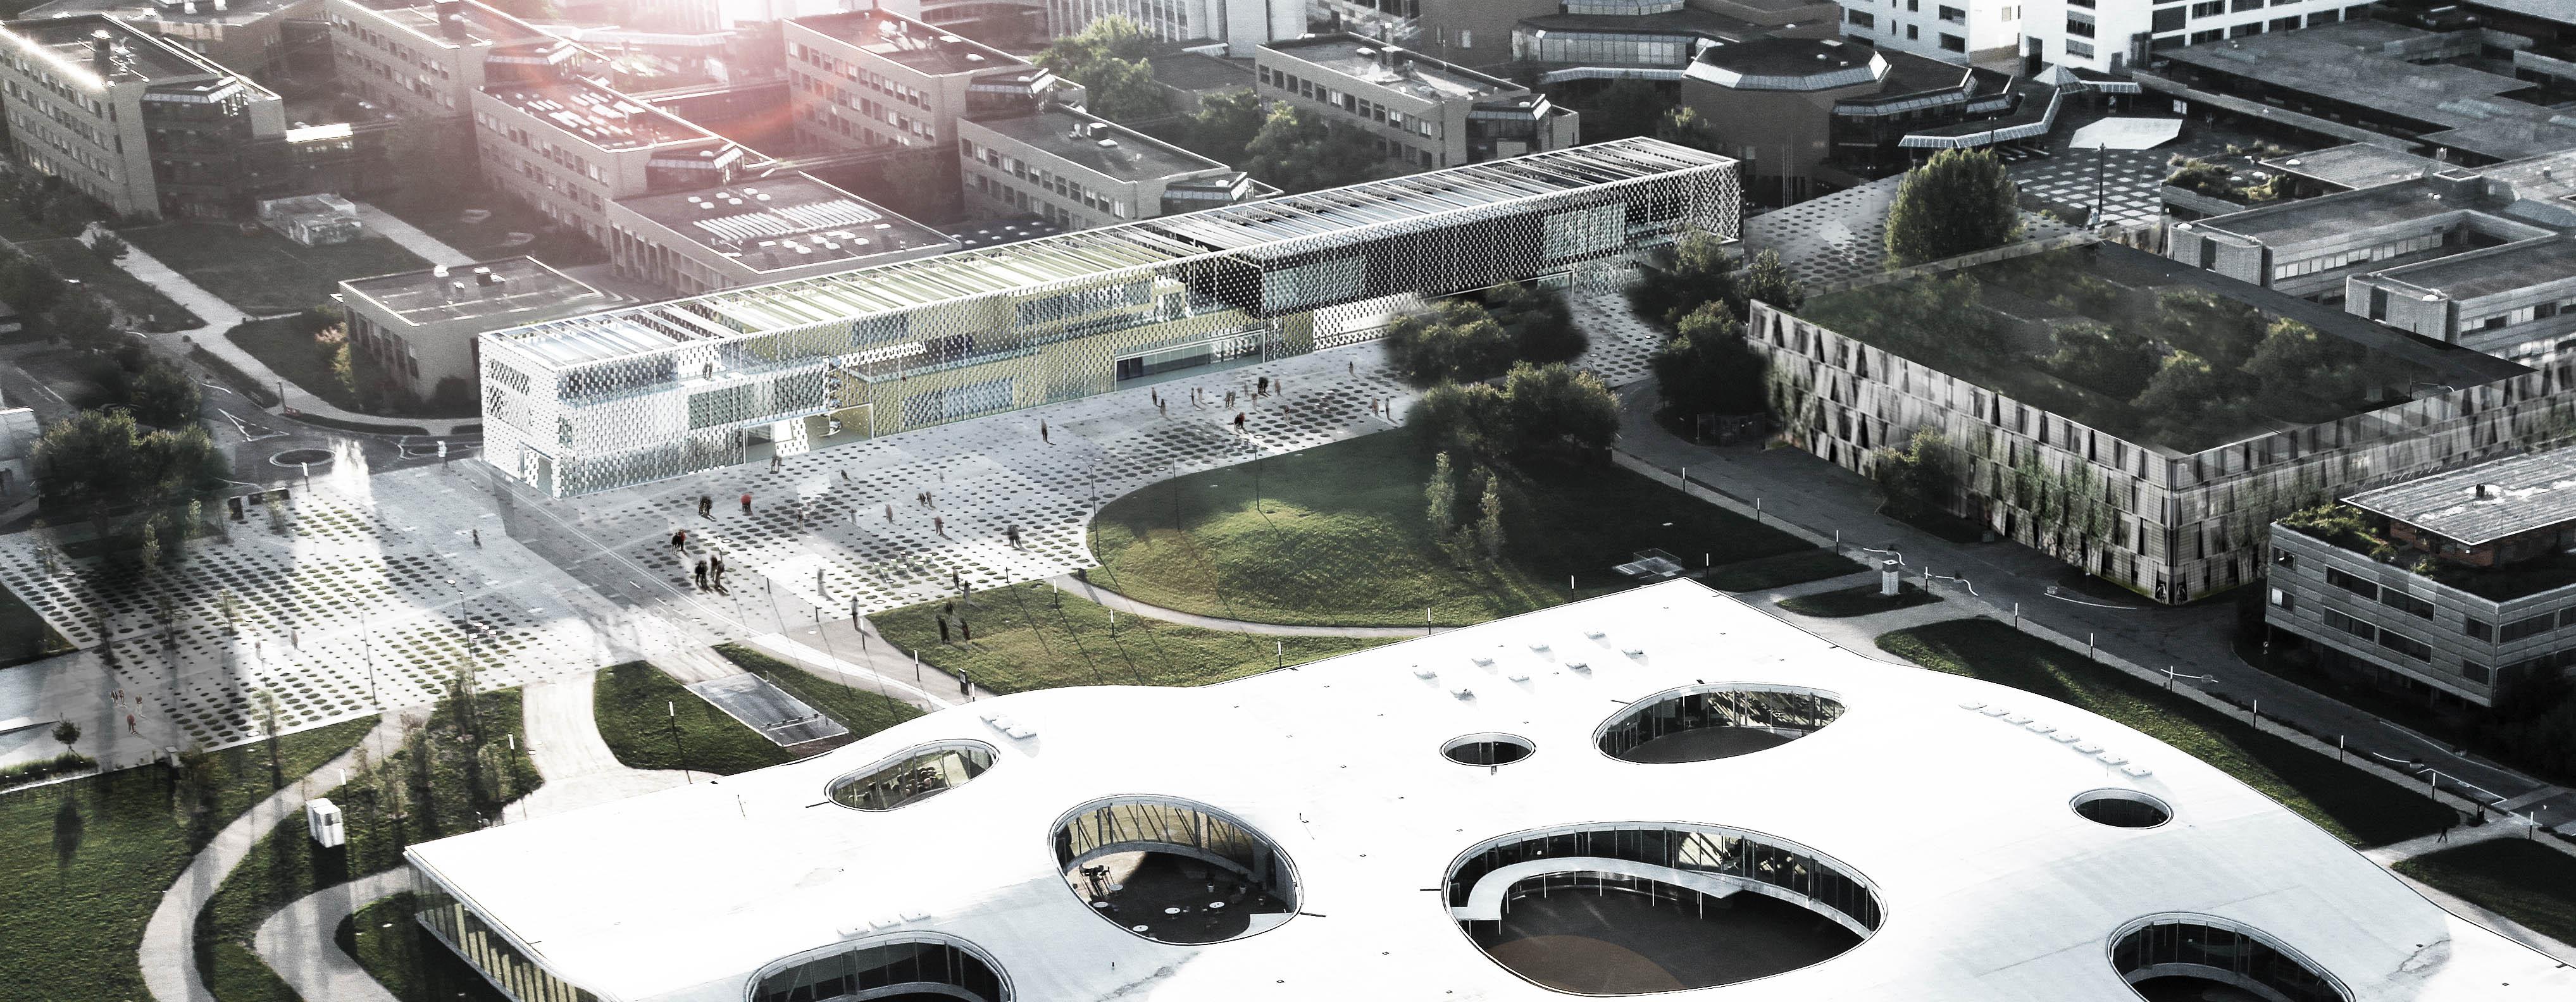 EPFL Pavilions